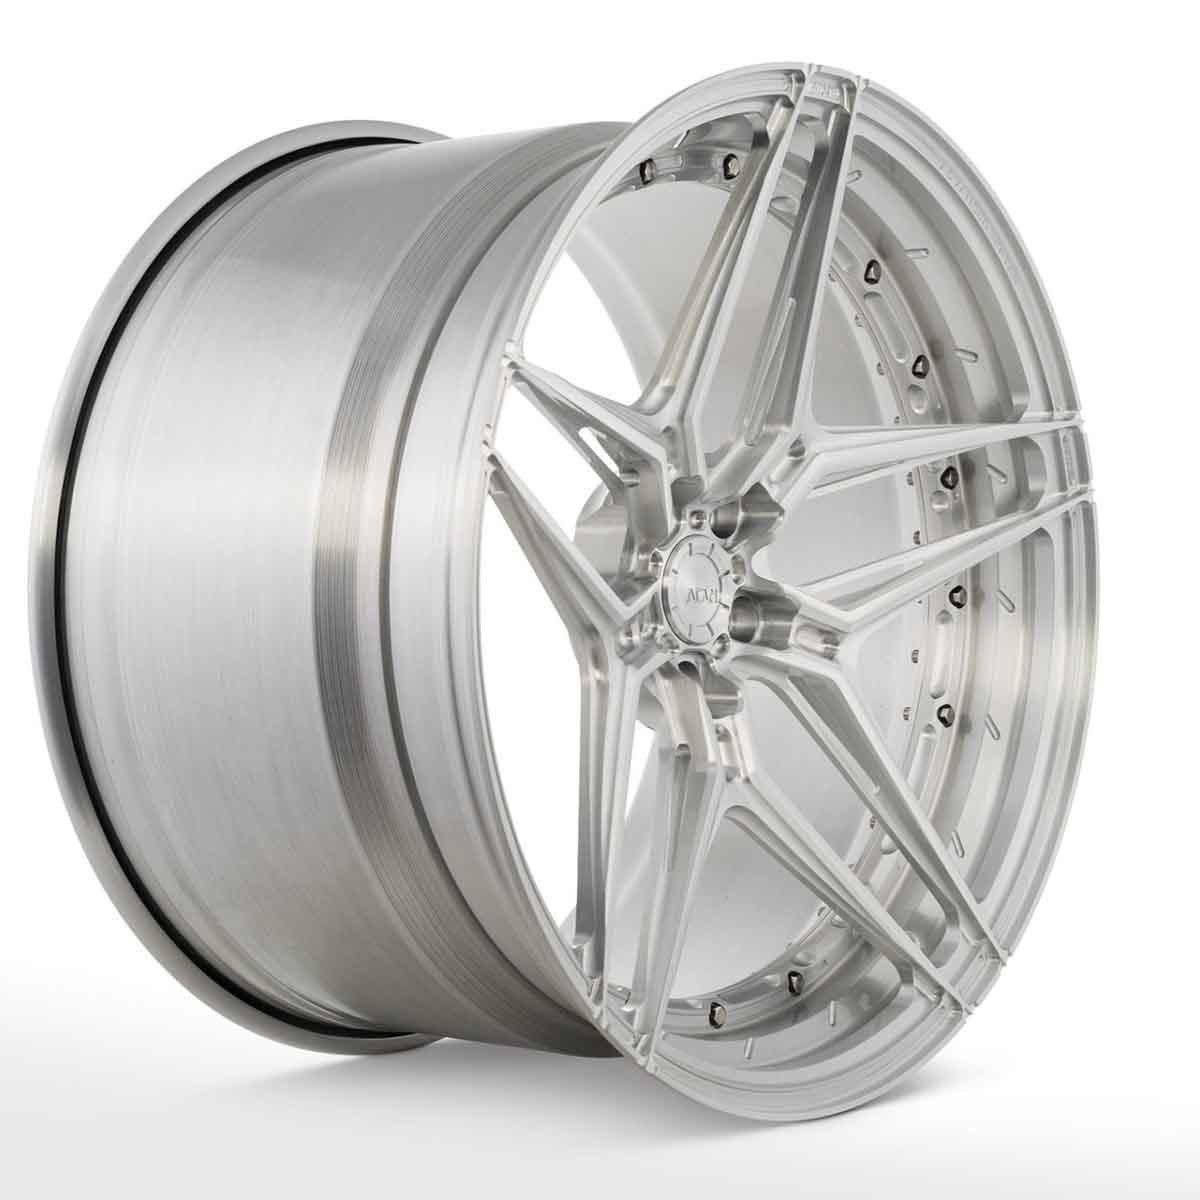 ADV.1 ADV510 M.V2 (Advanced Series) forged wheels